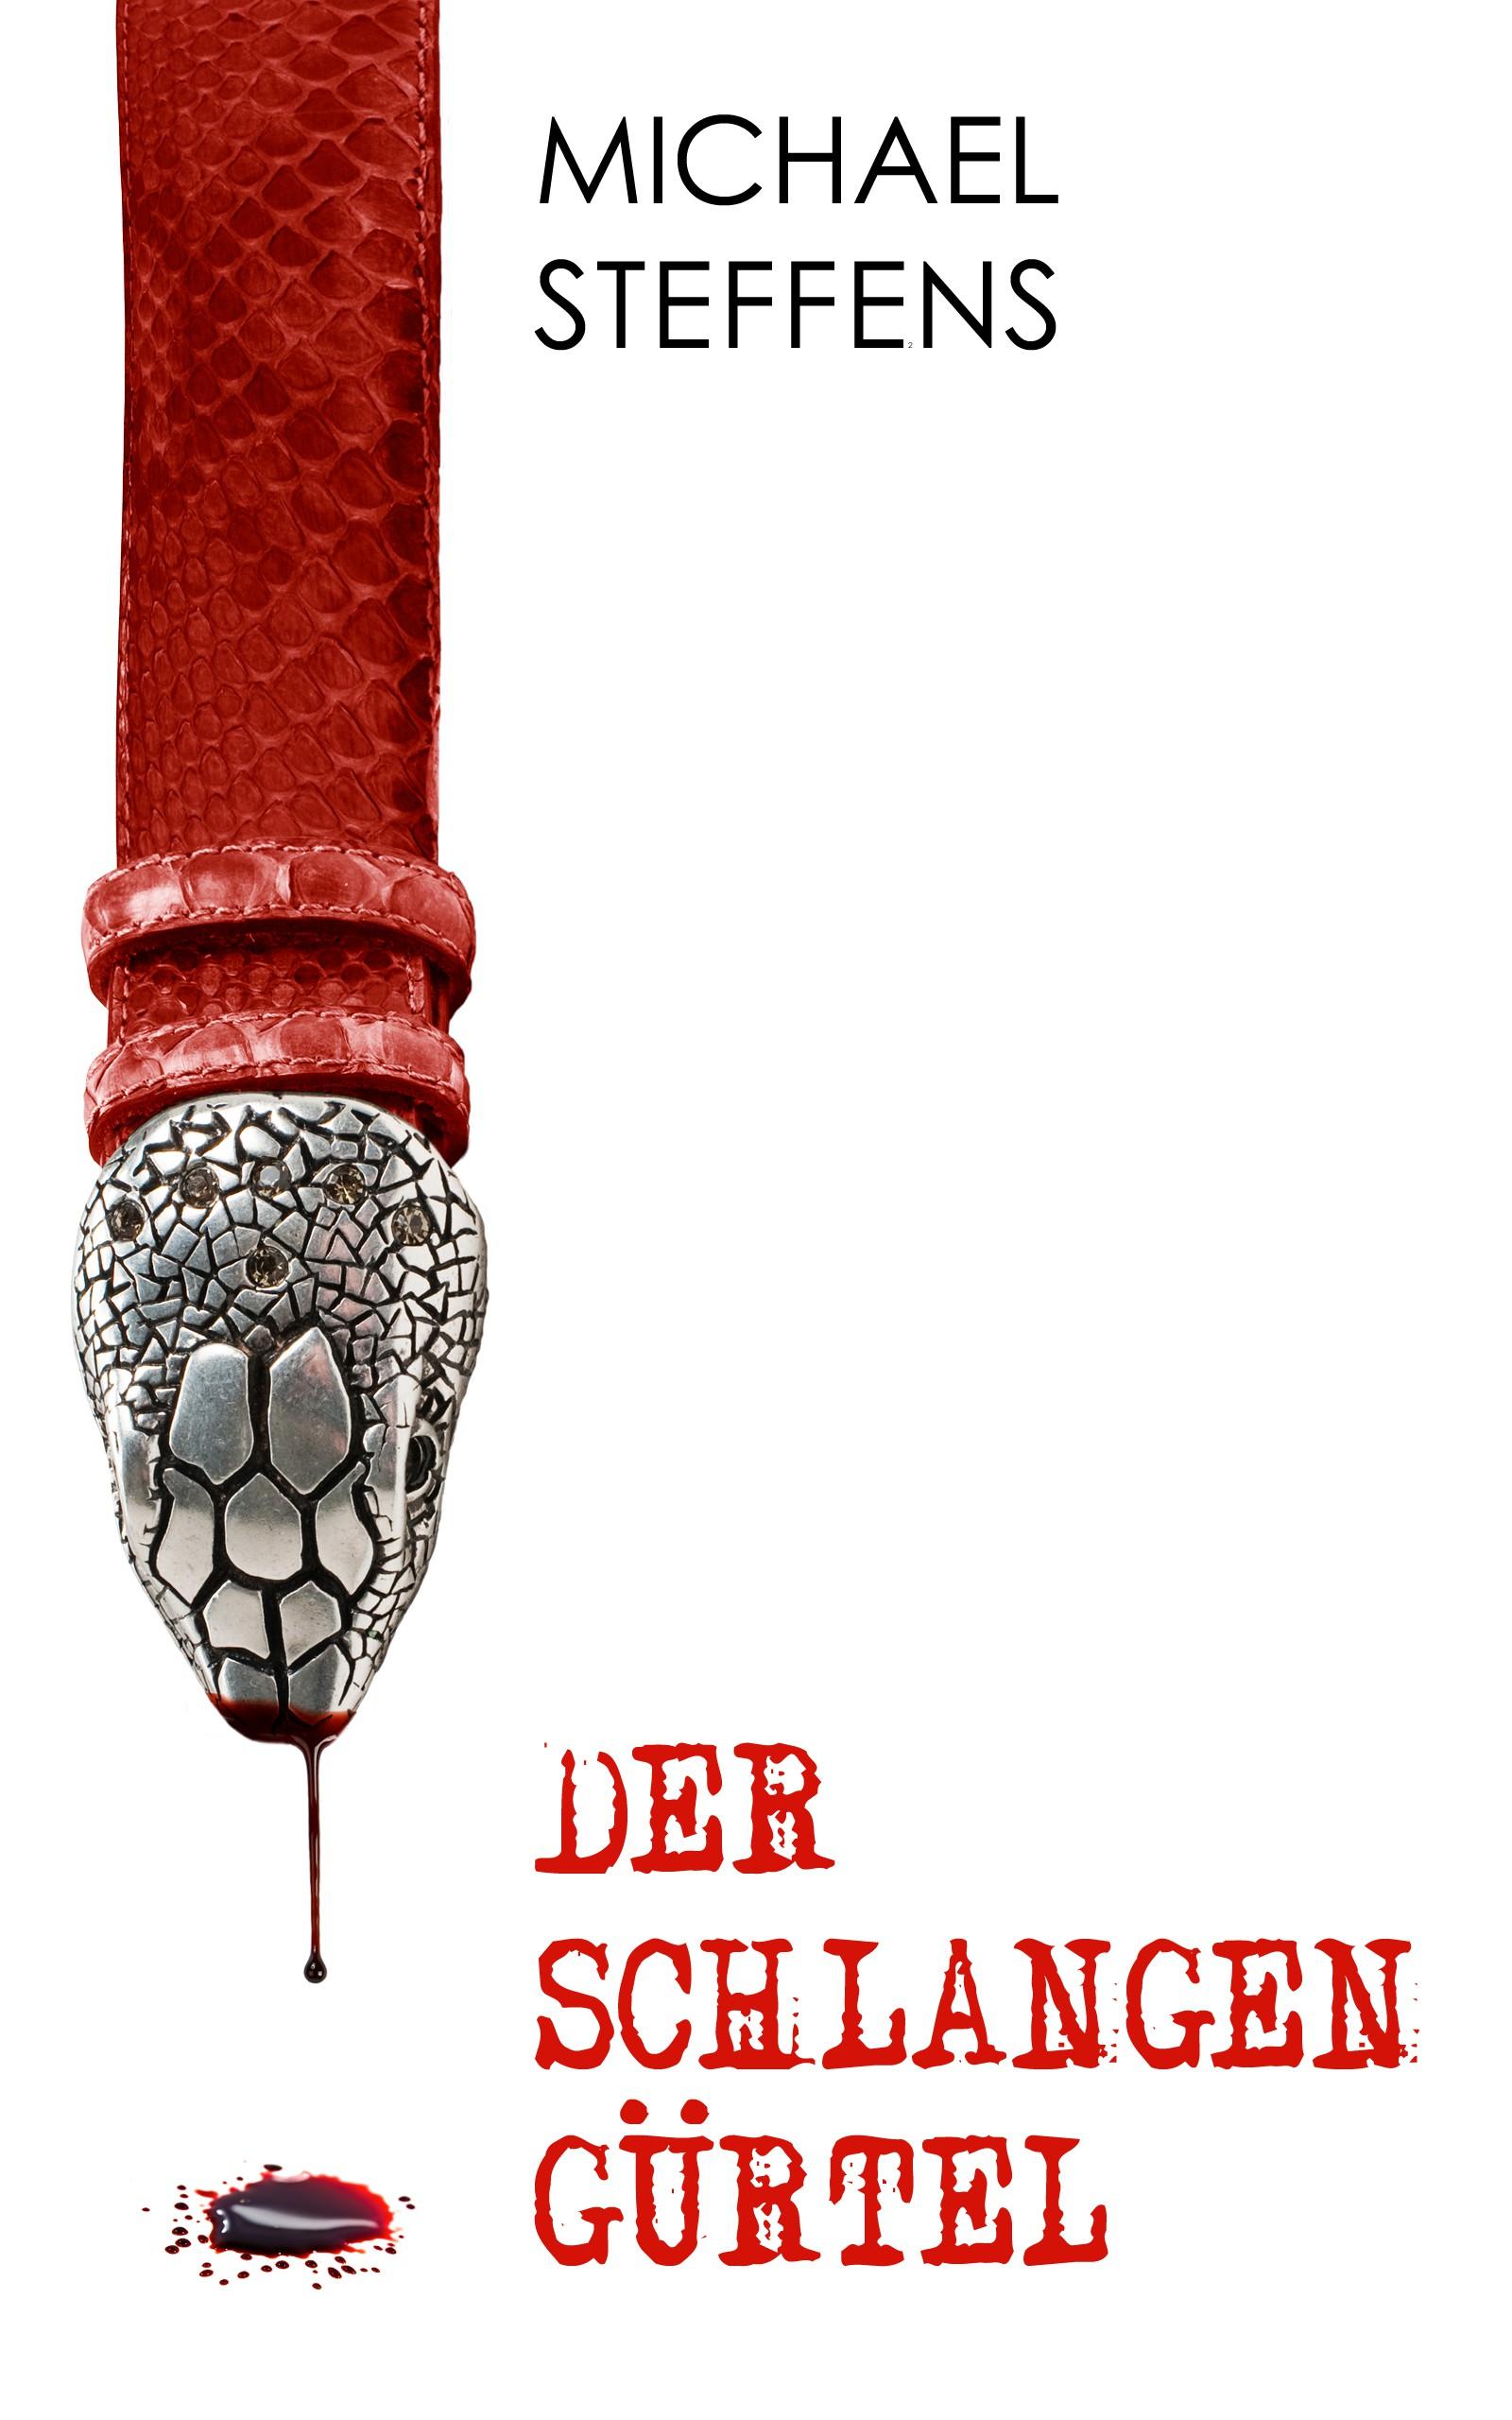 Cover for al mystery novel: The Red Snakeskin Belt